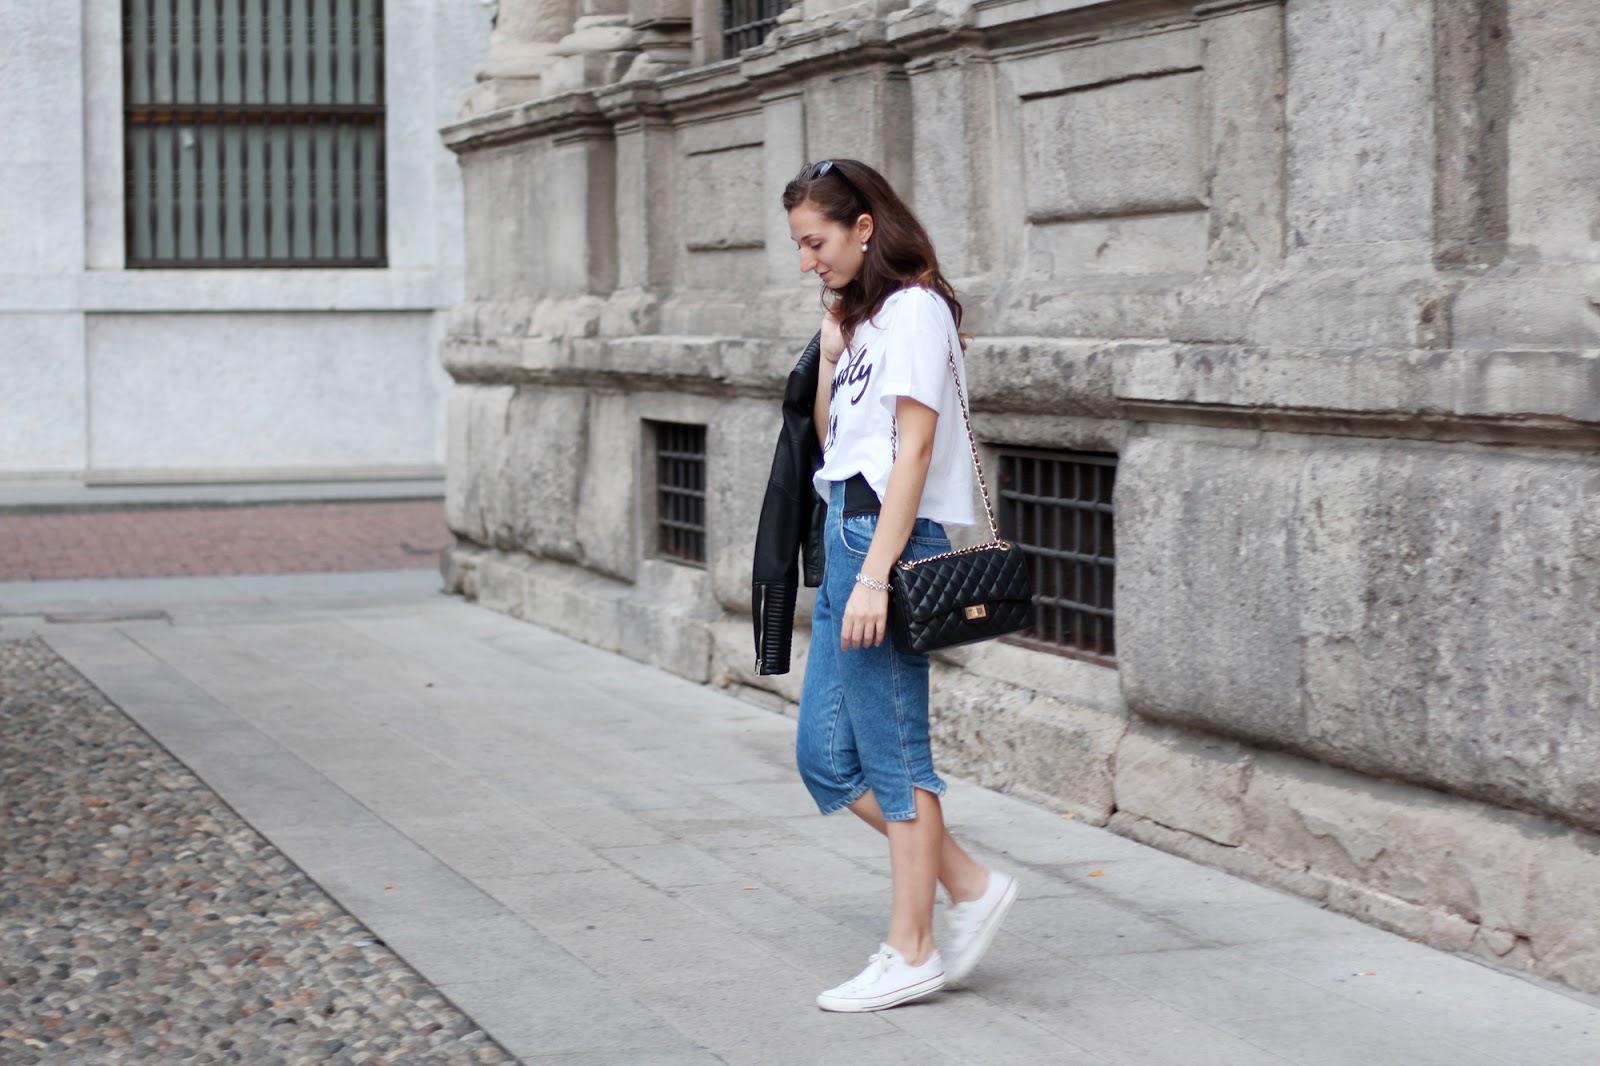 outfit comodo e alla moda in denim, converse, t-shirt bianca e tracolla Chanel 2.55